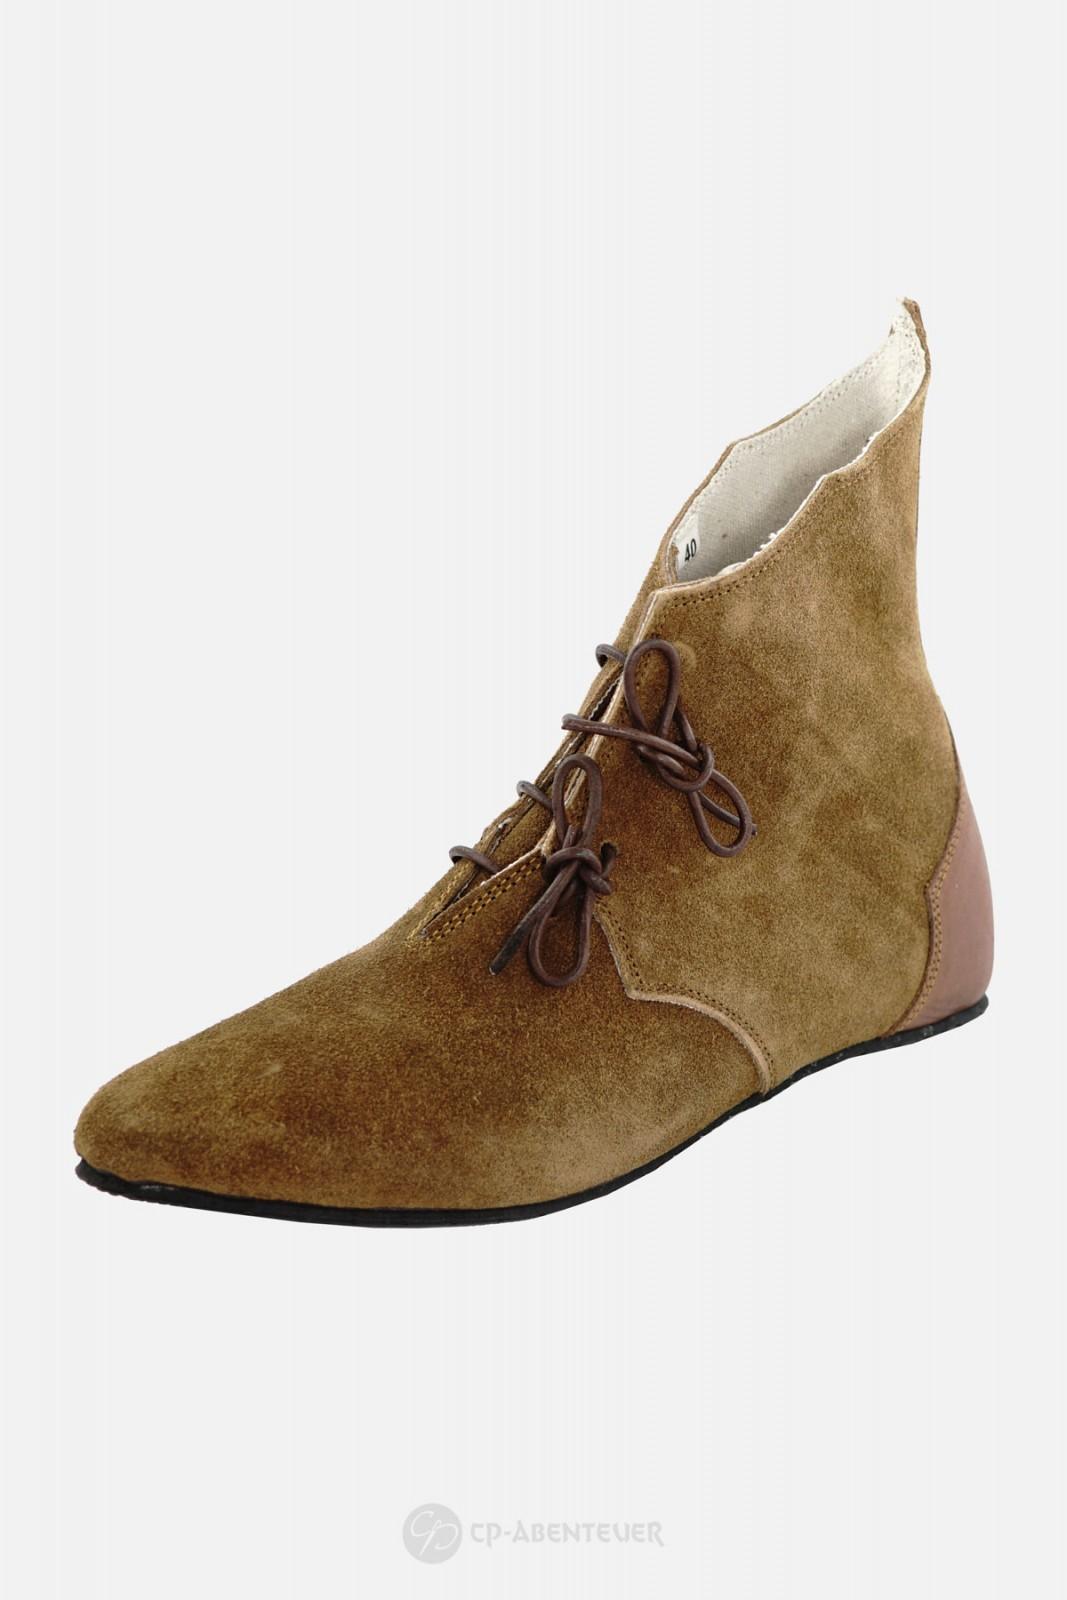 Mathes - Schuhe, Braun